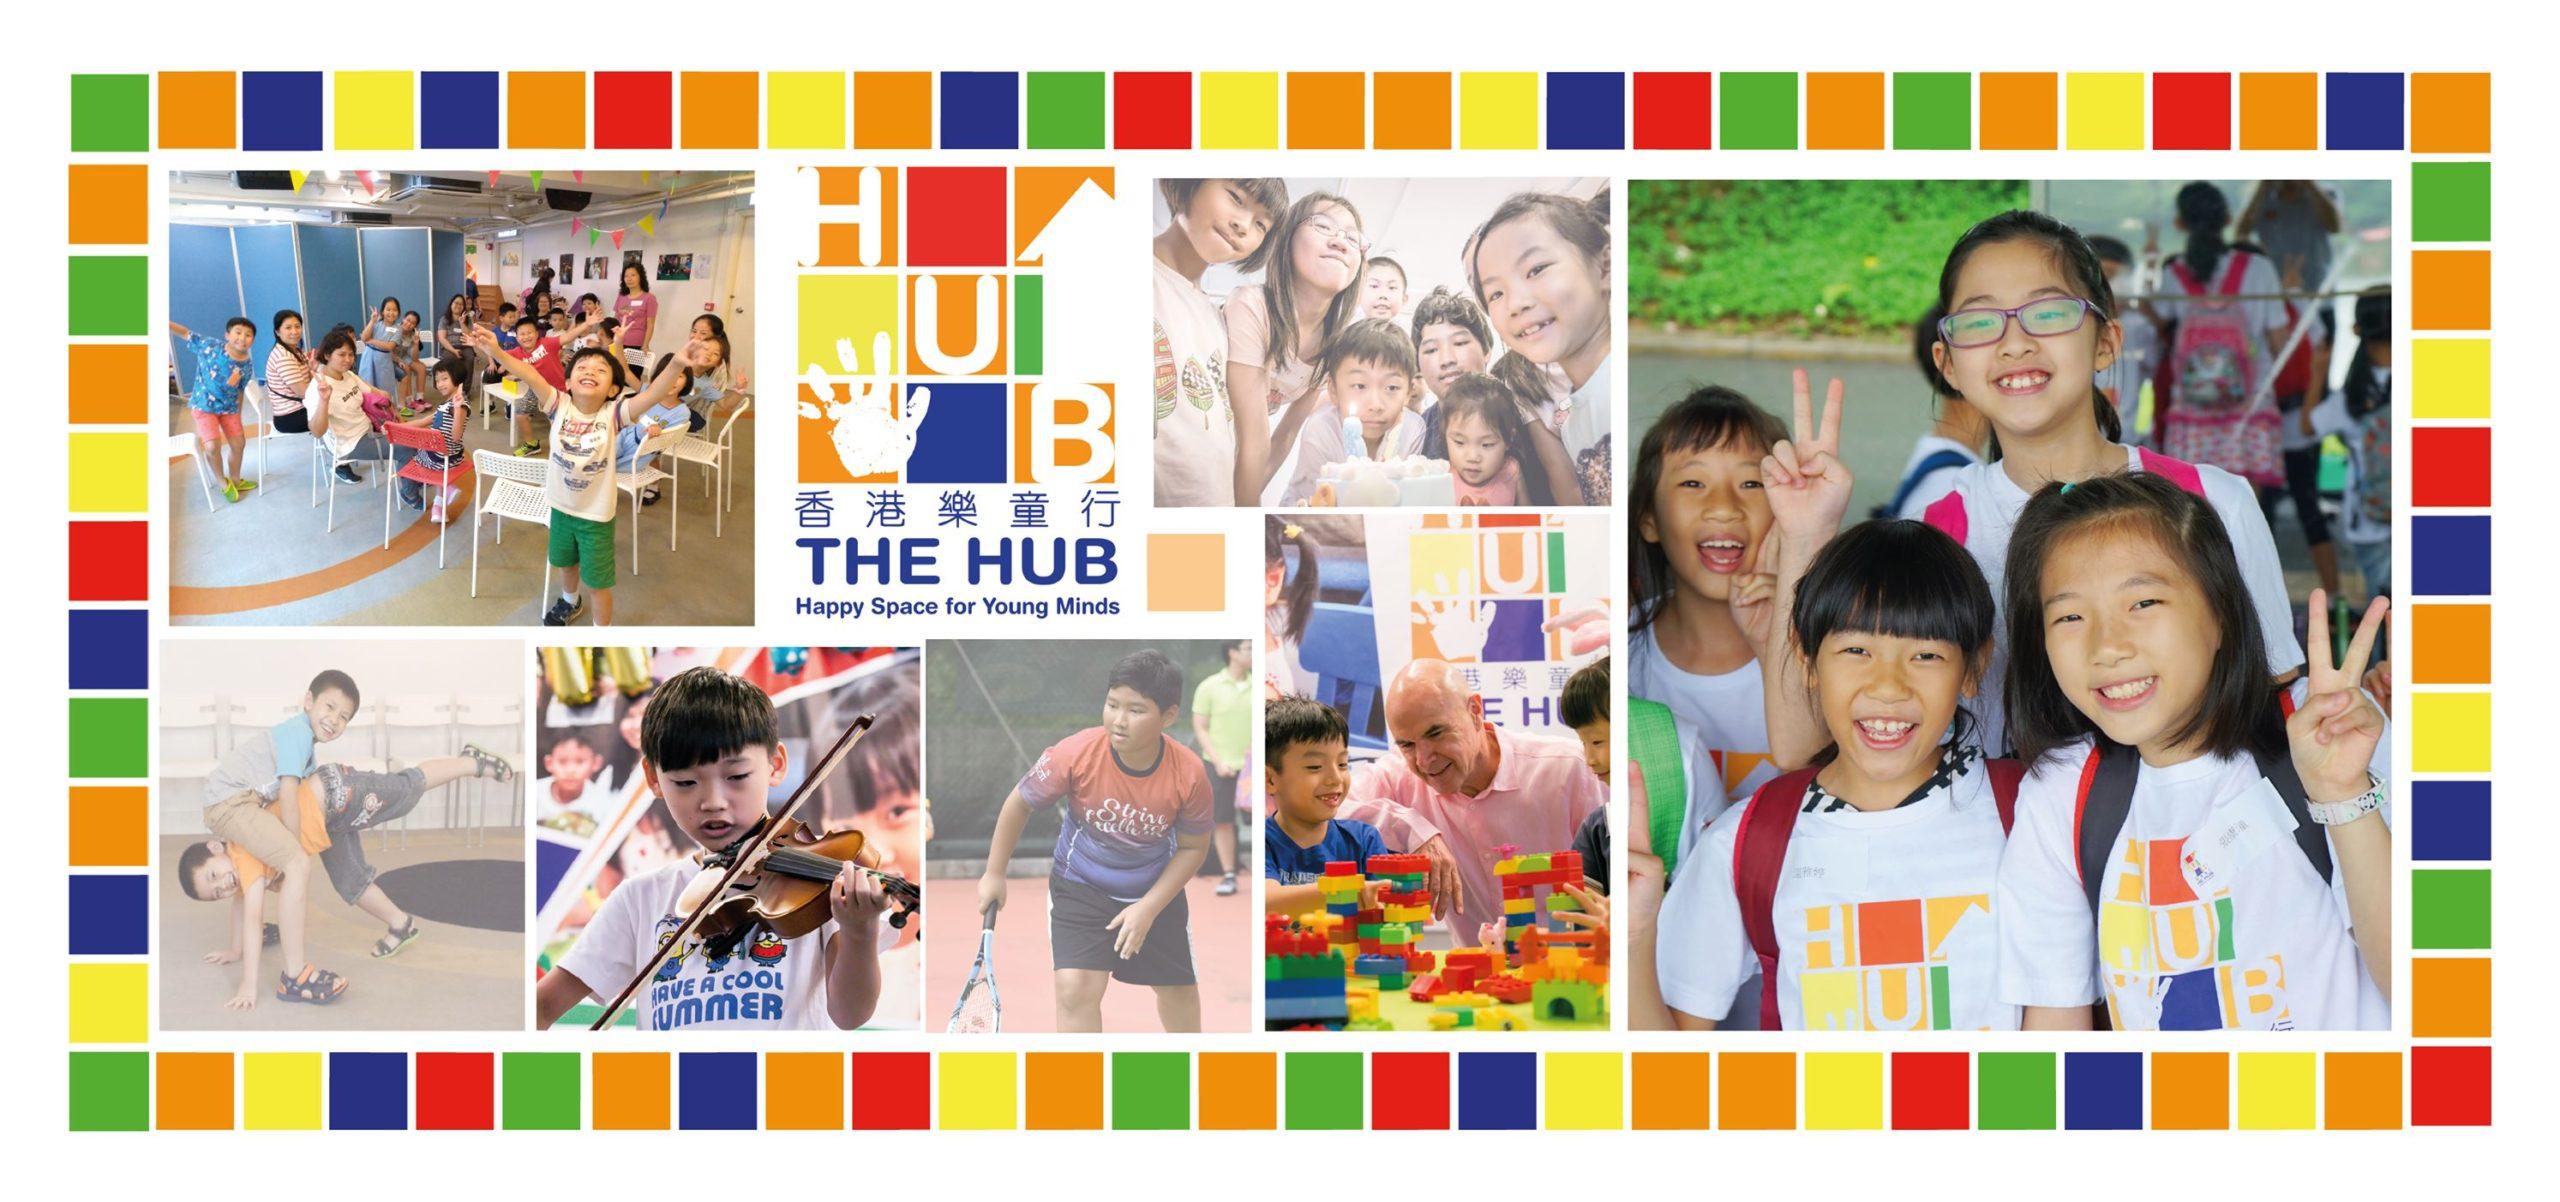 The HUB Hong Kong charity